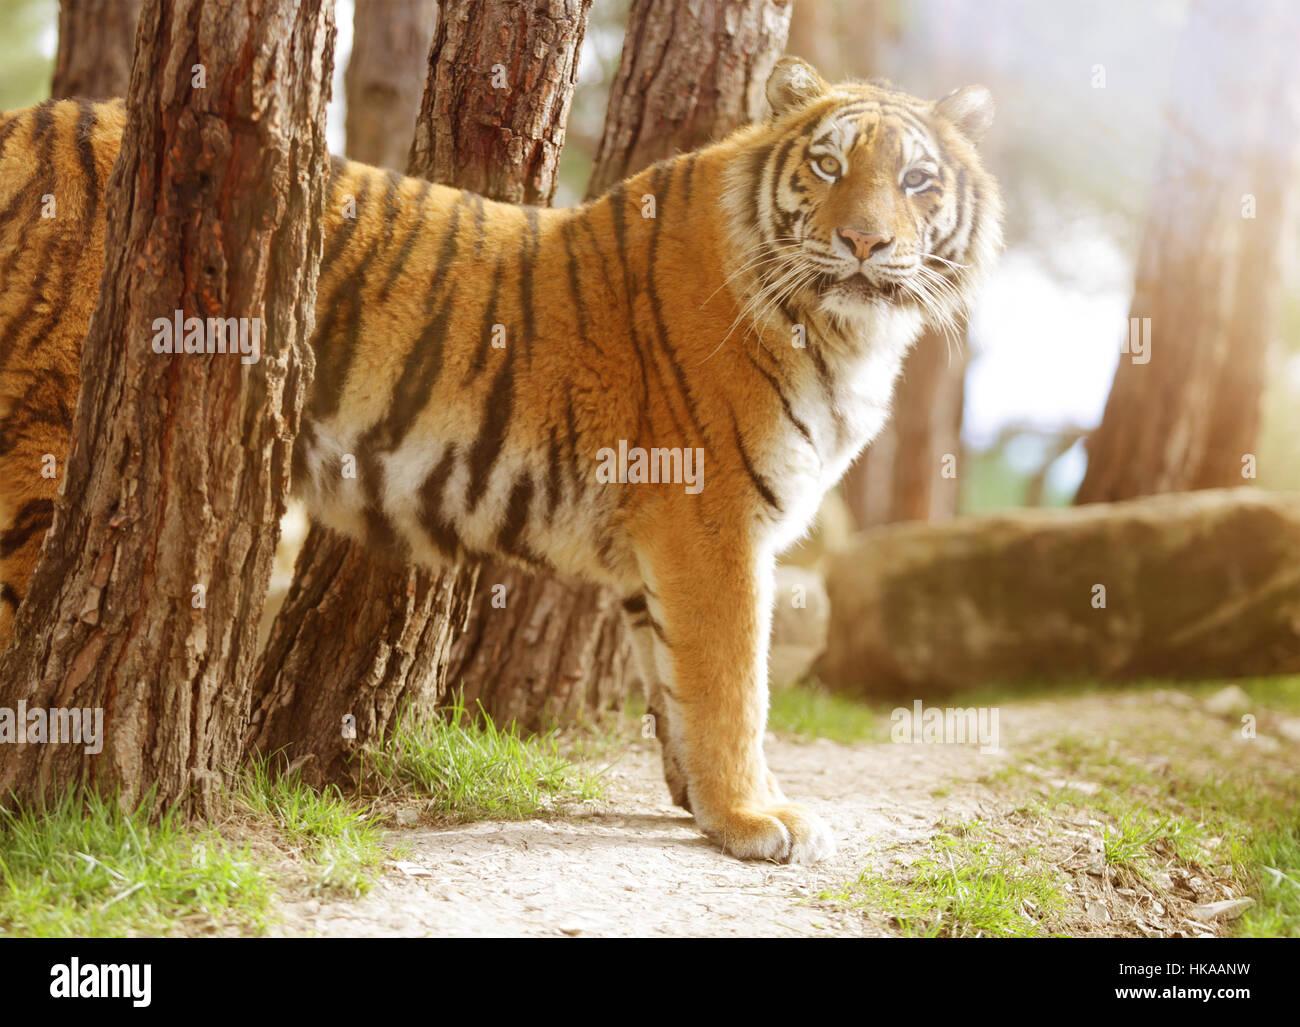 Tiger Jumping At Camera